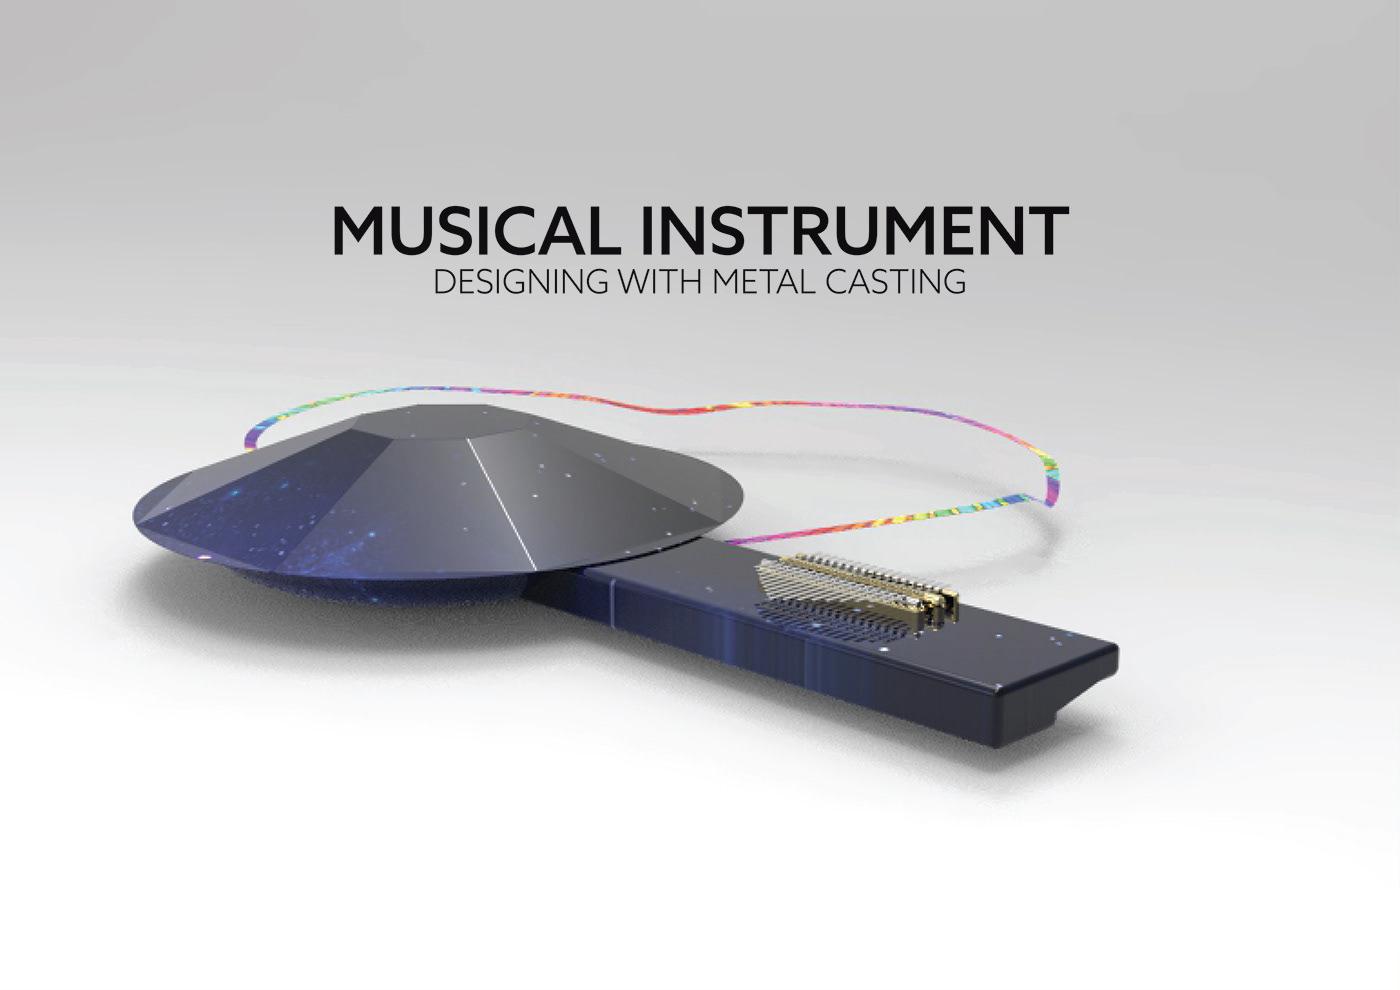 Music Instrument Rhino travelers metal casting keyshot Hang kalimba ideation Mockup